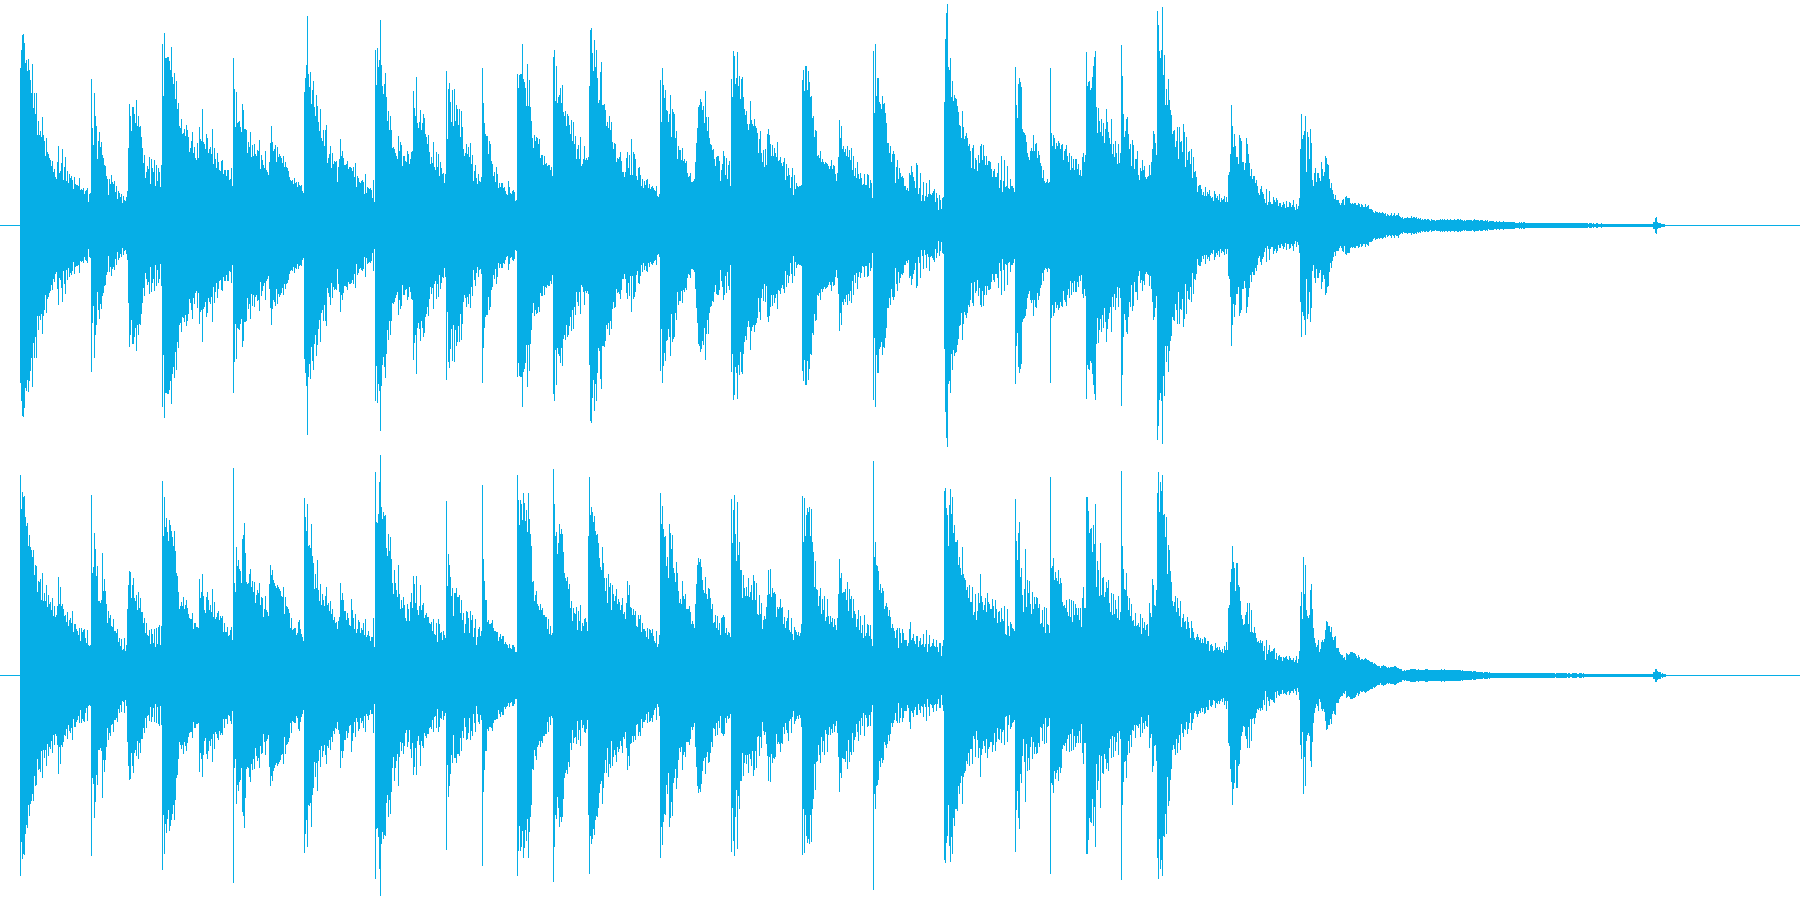 静か、奇妙、不思議な夜のロゴ・ジングルの再生済みの波形